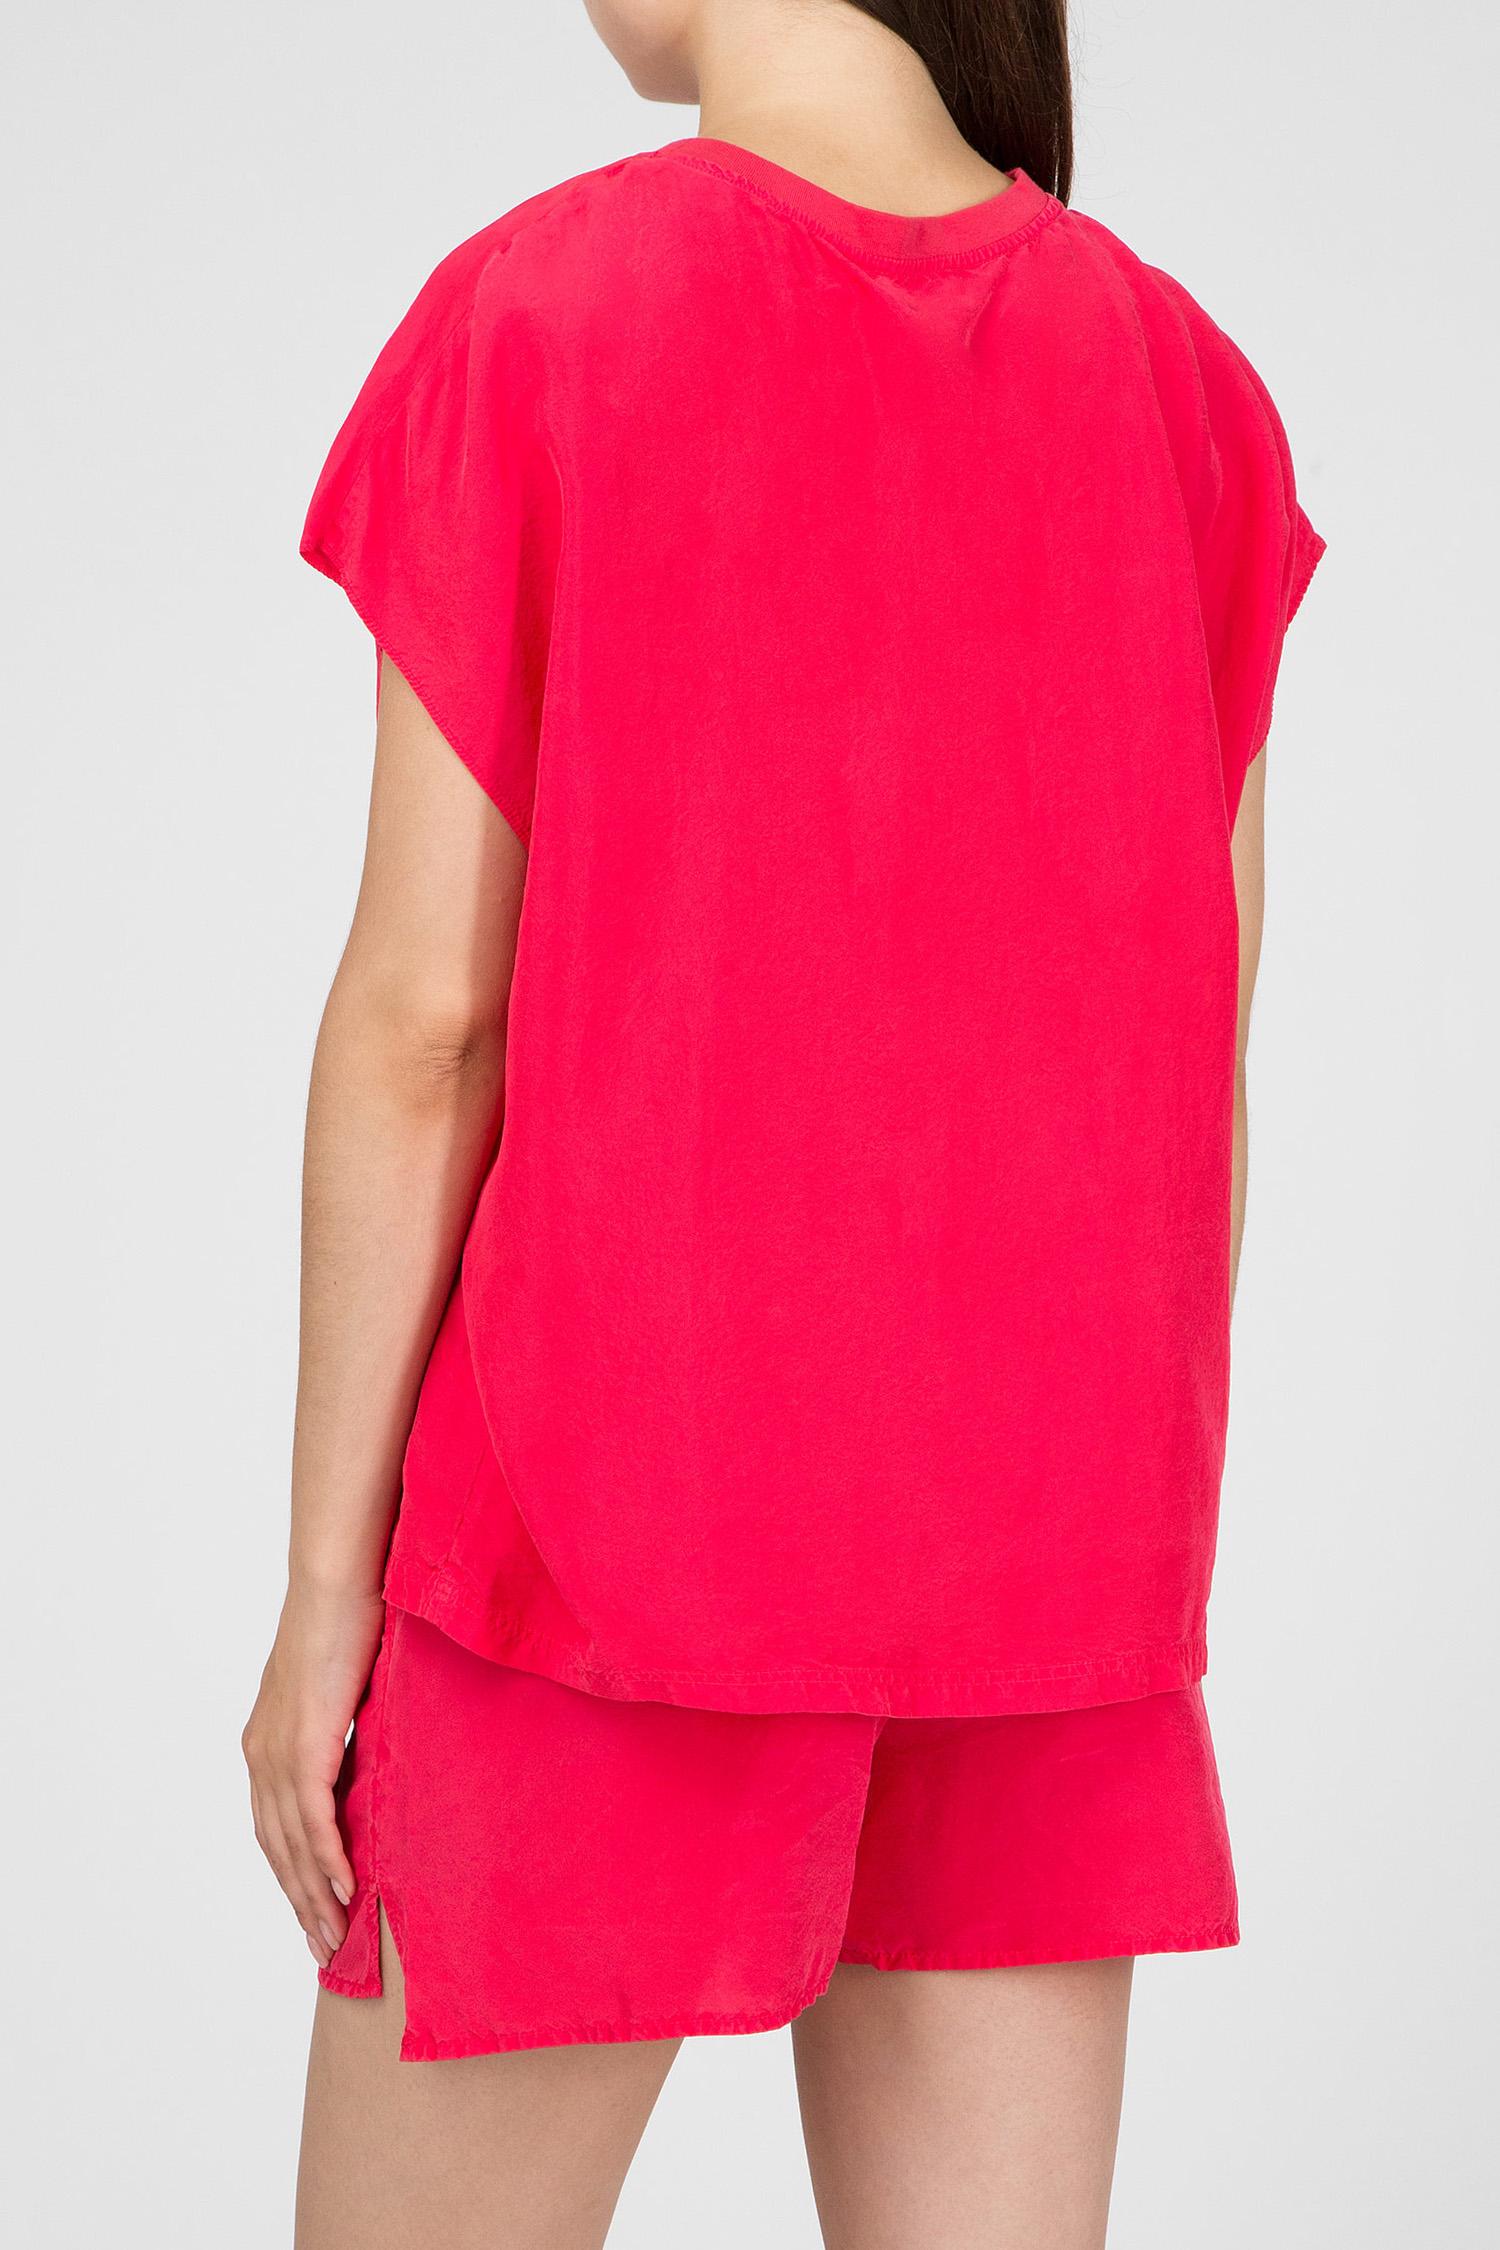 Купить Женское малиновая блуза WILLOW Closed Closed C94825-263-30-313 – Киев, Украина. Цены в интернет магазине MD Fashion